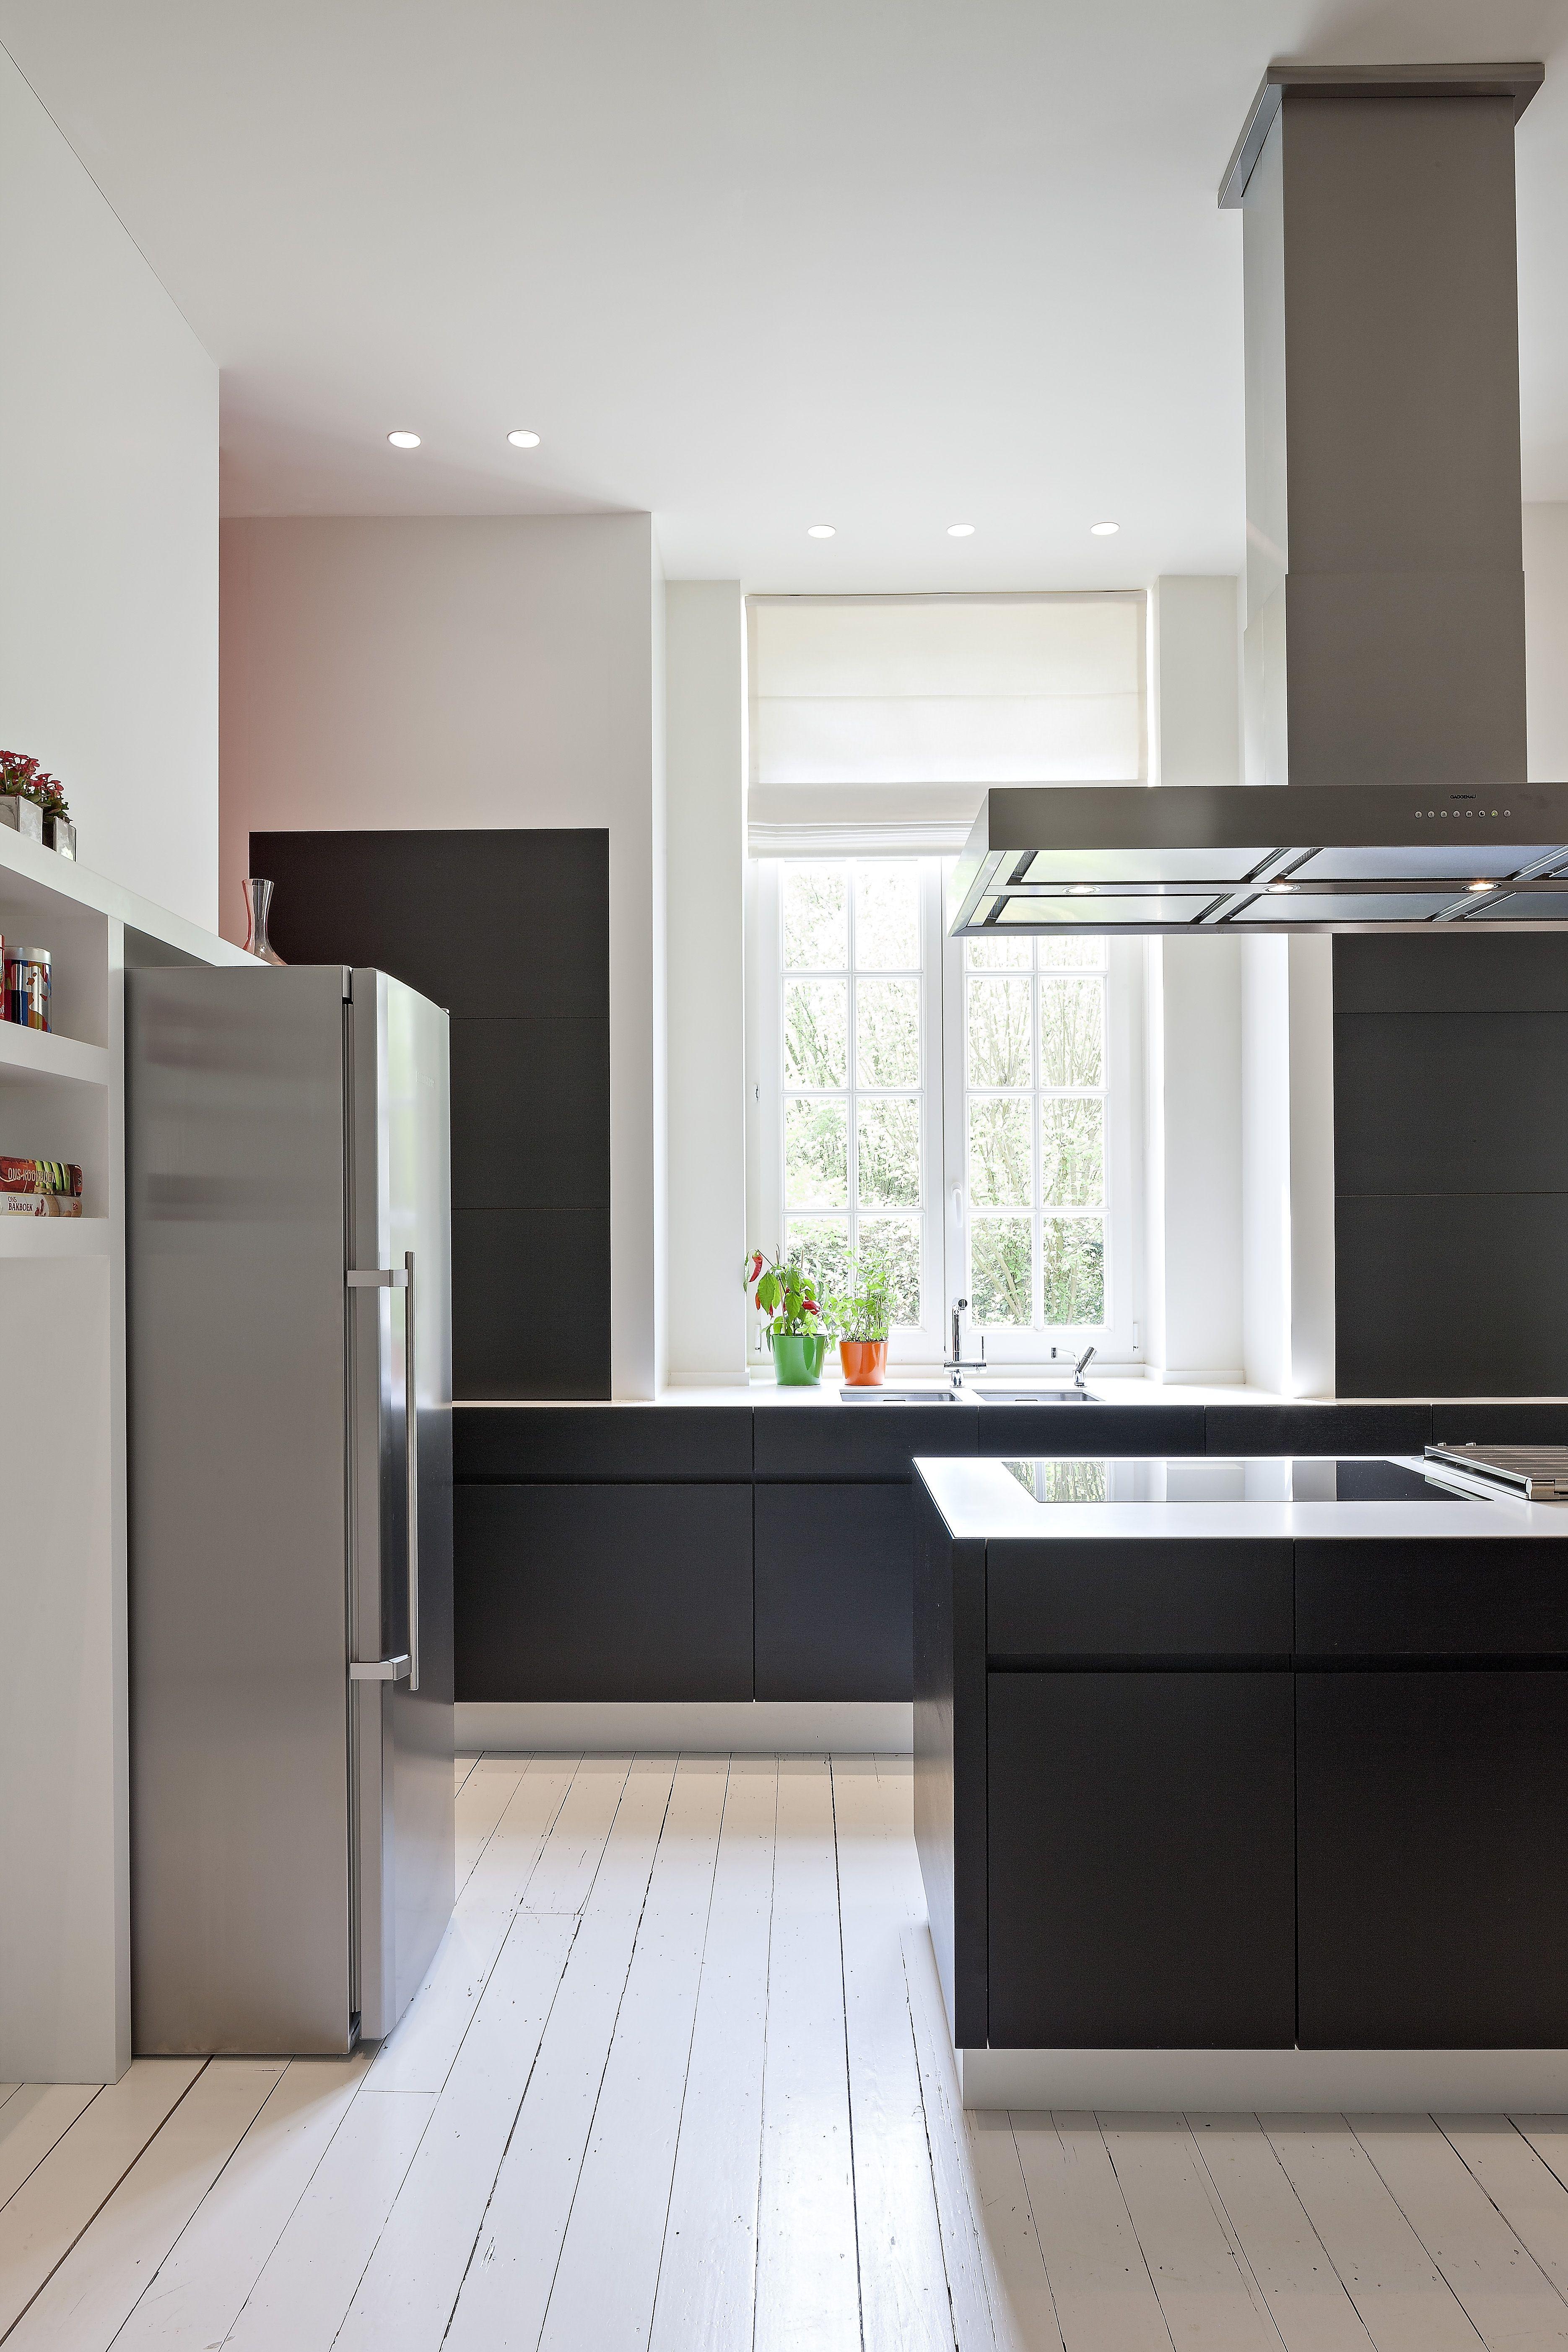 Interior Design Kitchens New Kitchen Vades Interior Design  For B Villas  My Work Design Inspiration